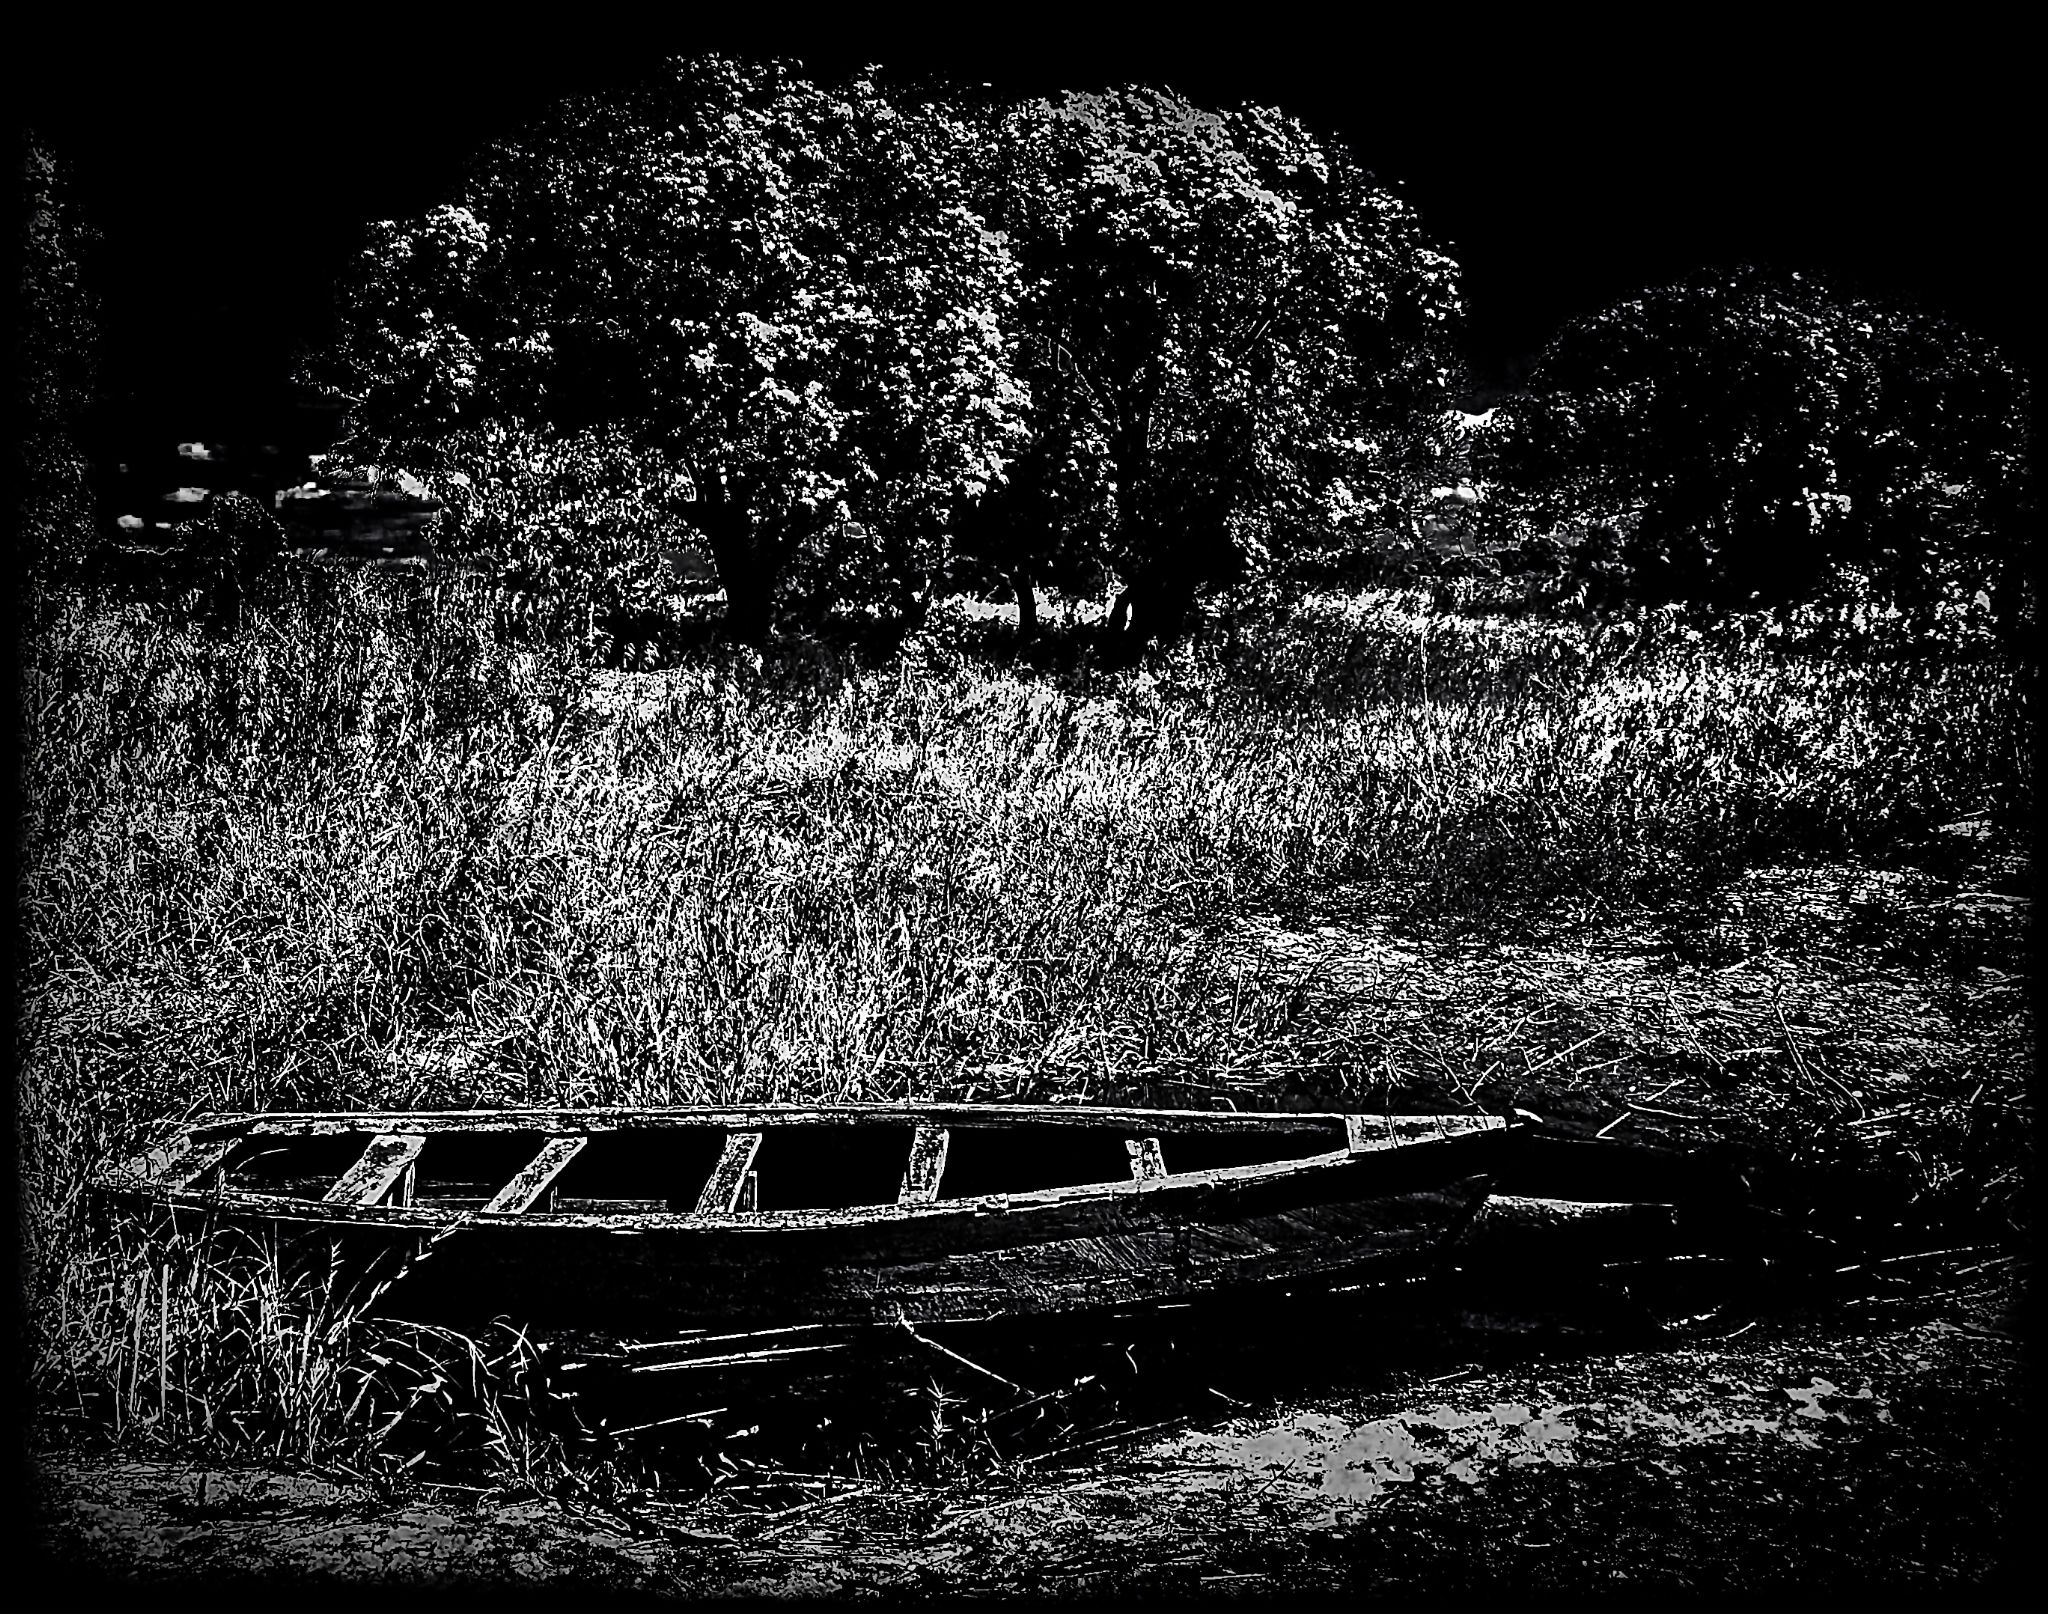 Broken Canoe beside Lake Malawi by David Owen